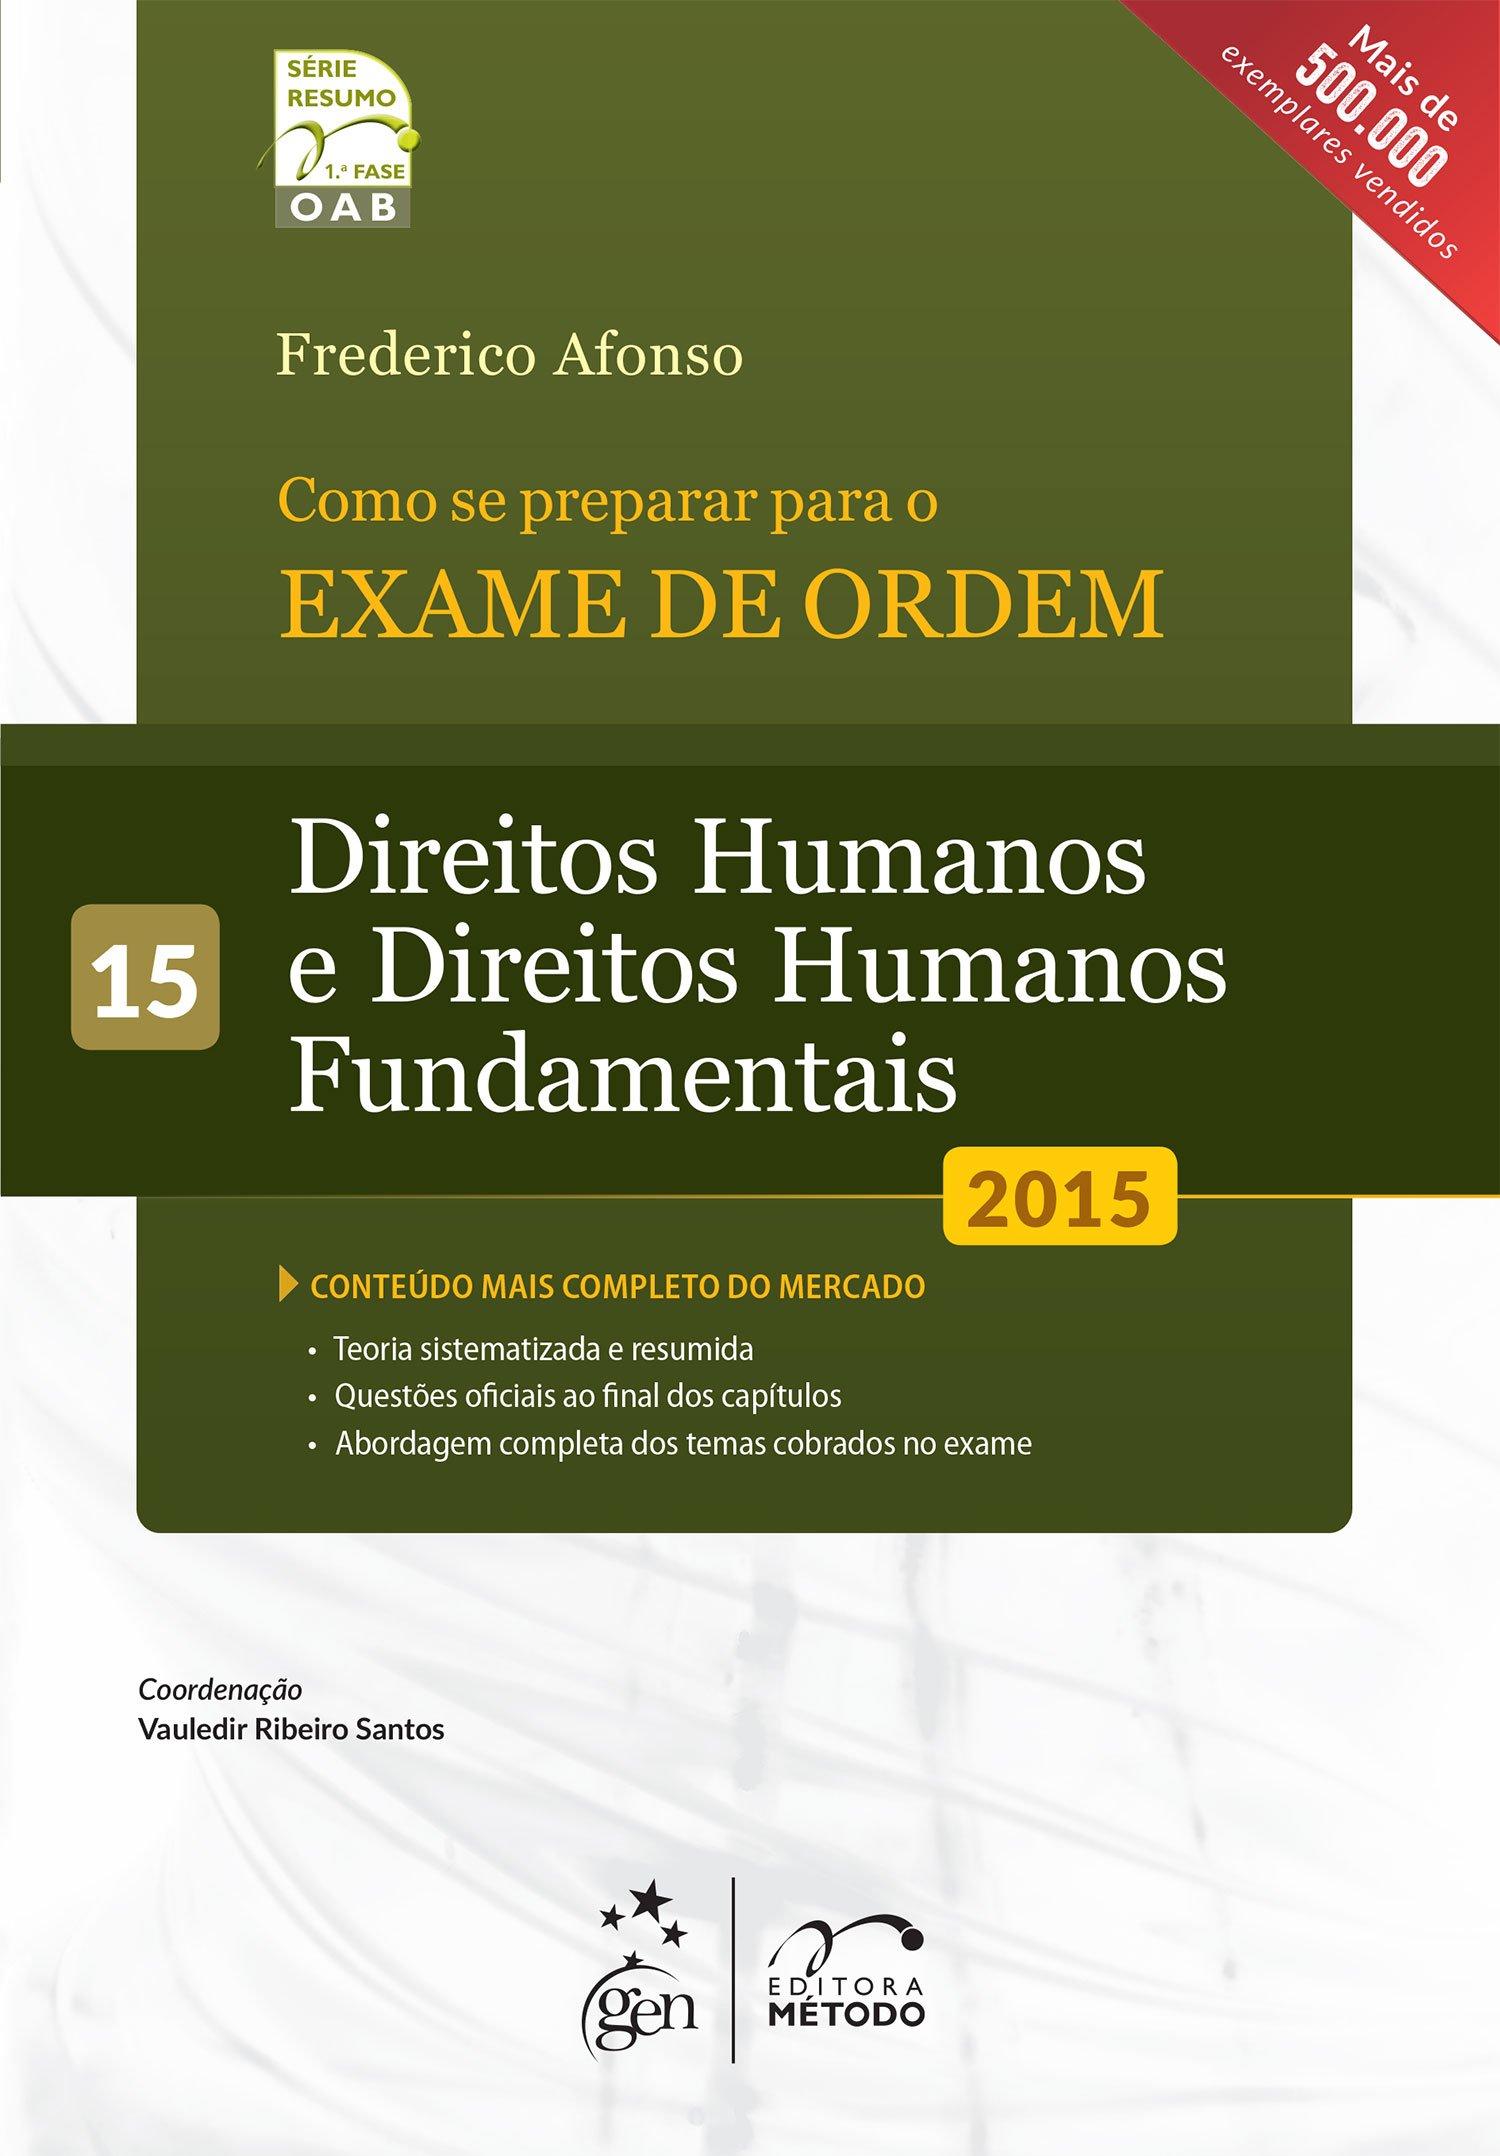 Download OAB. Como Se Preparar Para o Exame de Ordem. Direitos Humanos e Direitos Humanos Fundamentais - Volume 15. Série Resumo 1ª Fase PDF